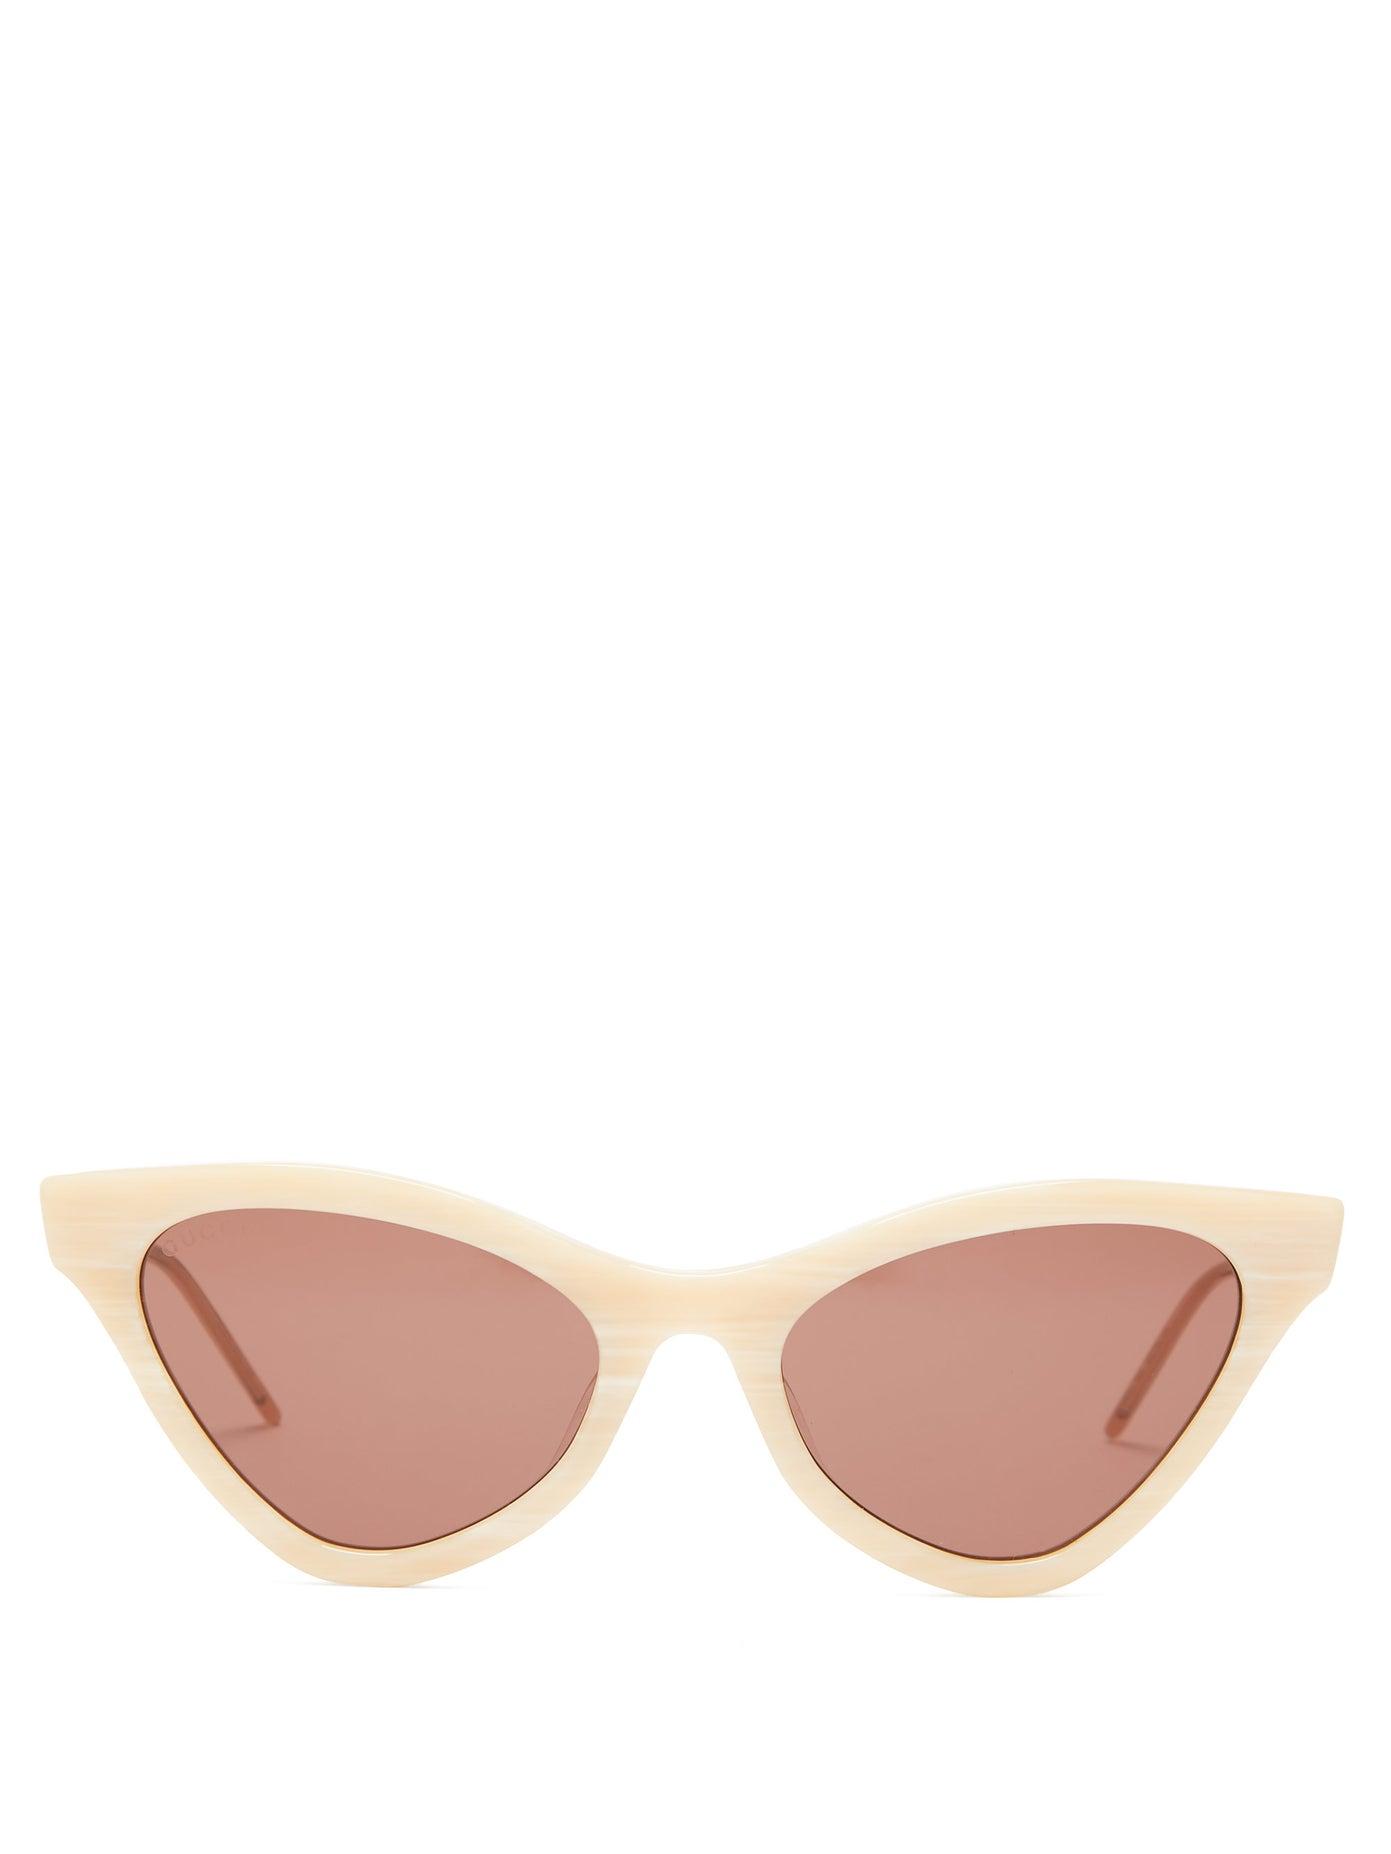 نظارات شمسية بإطارات عريضة باللون الوردي الزاهي من Gucci